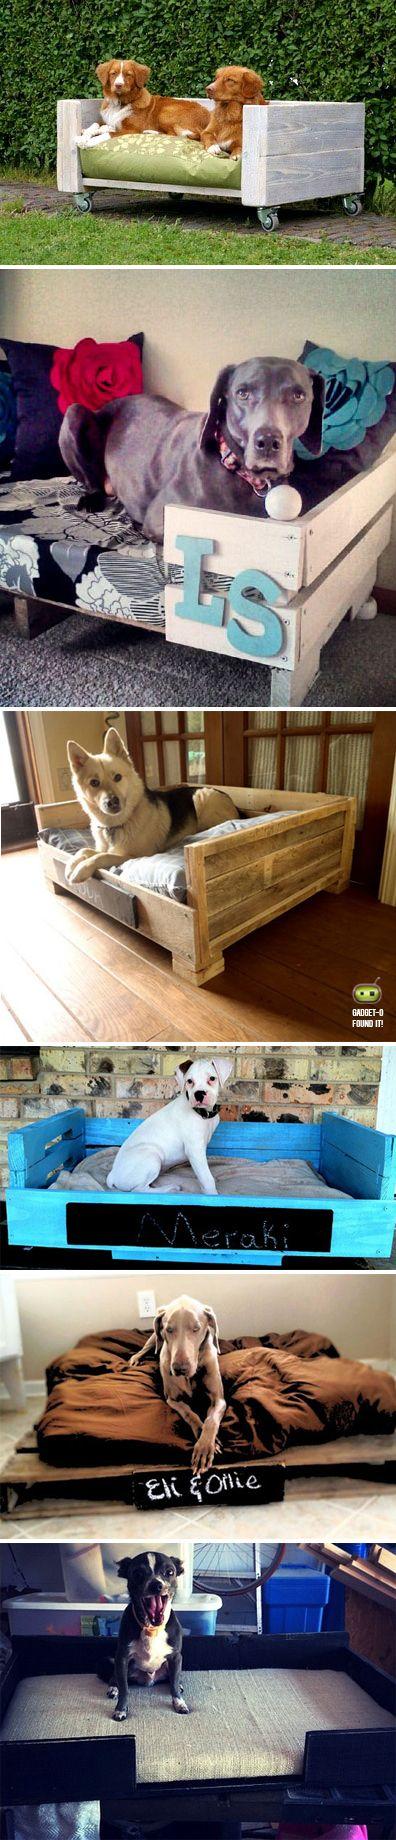 16 impresionantes ideas para hacer de tu cama una maravilla con pallets